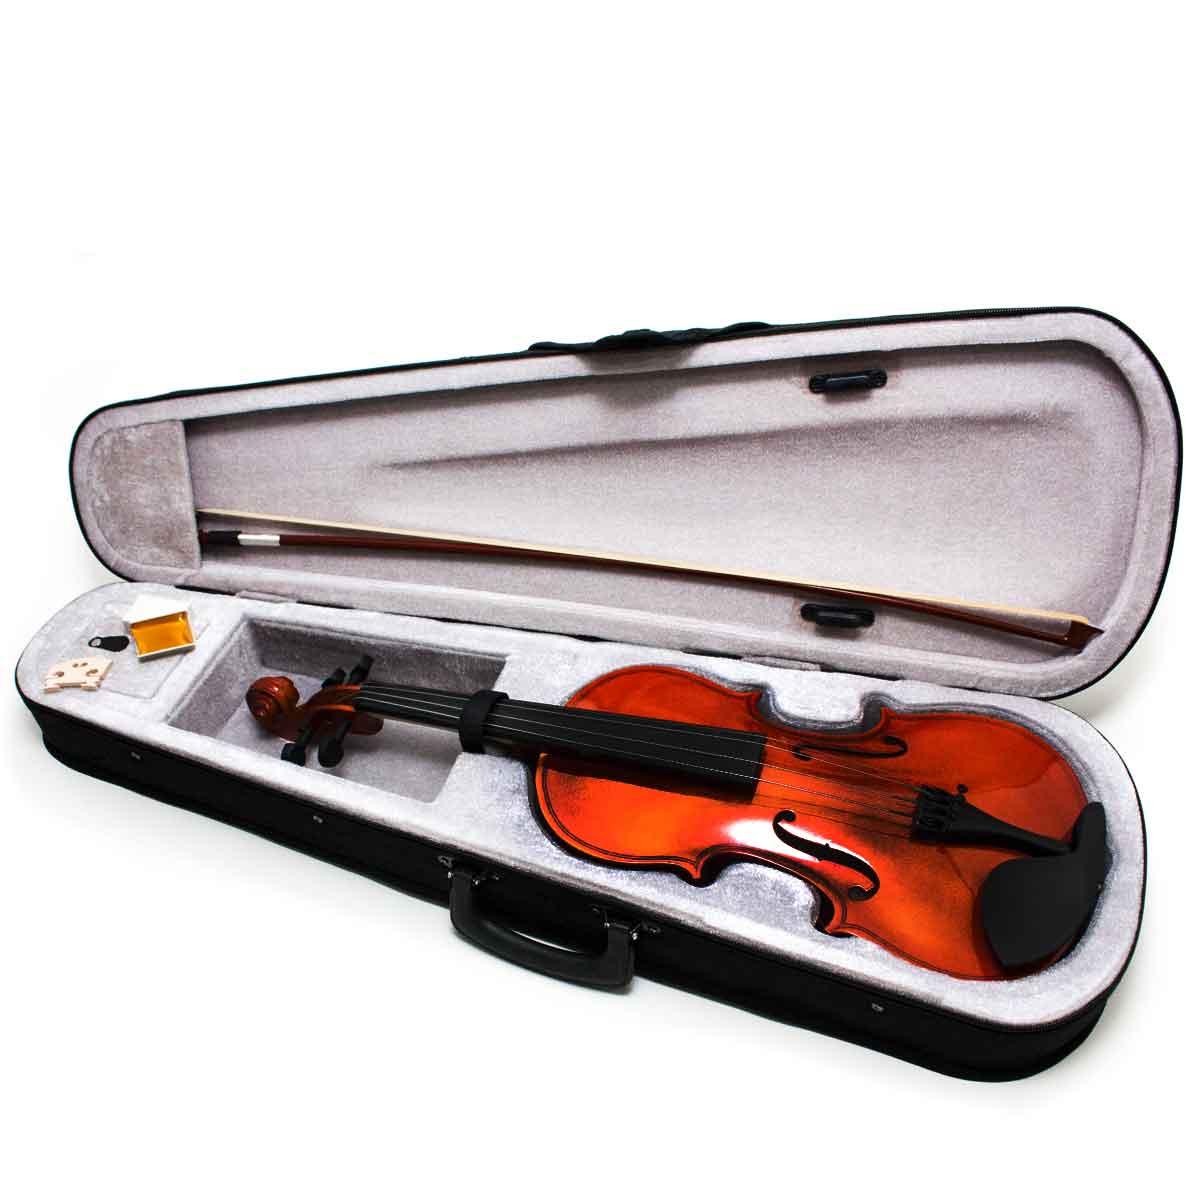 Violino 4/4 Arco C/ Breu Cavalete Estojo Madeira Estojo Luxo